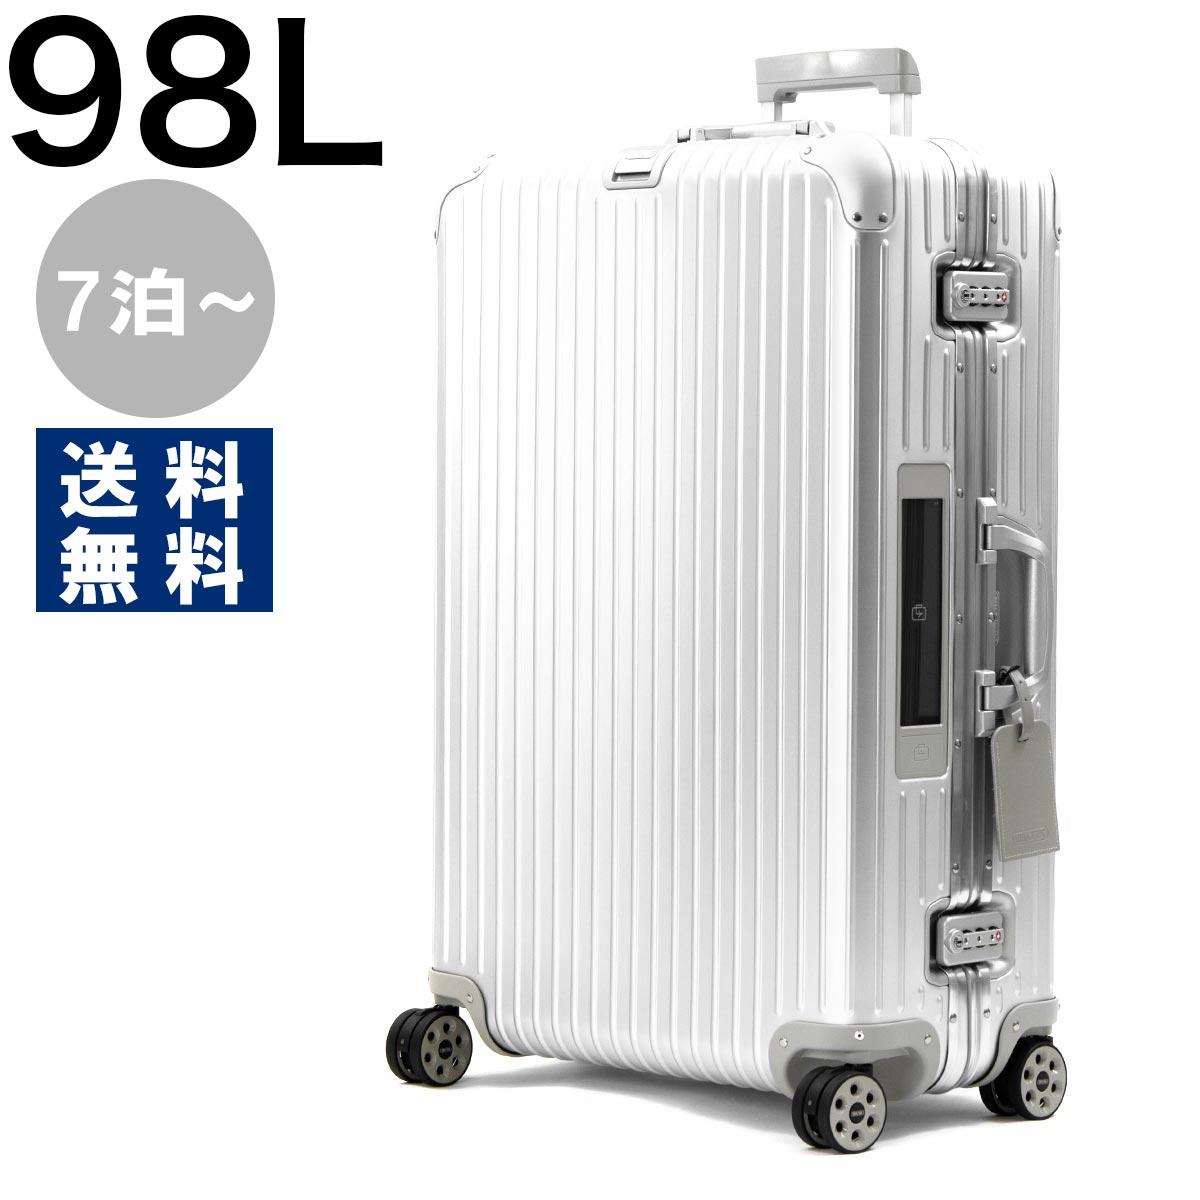 リモワ スーツケース/旅行用バッグ バッグ メンズ レディース トパーズ 98L 7泊~ ELECTRONIC TAG シルバー 92477005 RIMOWA